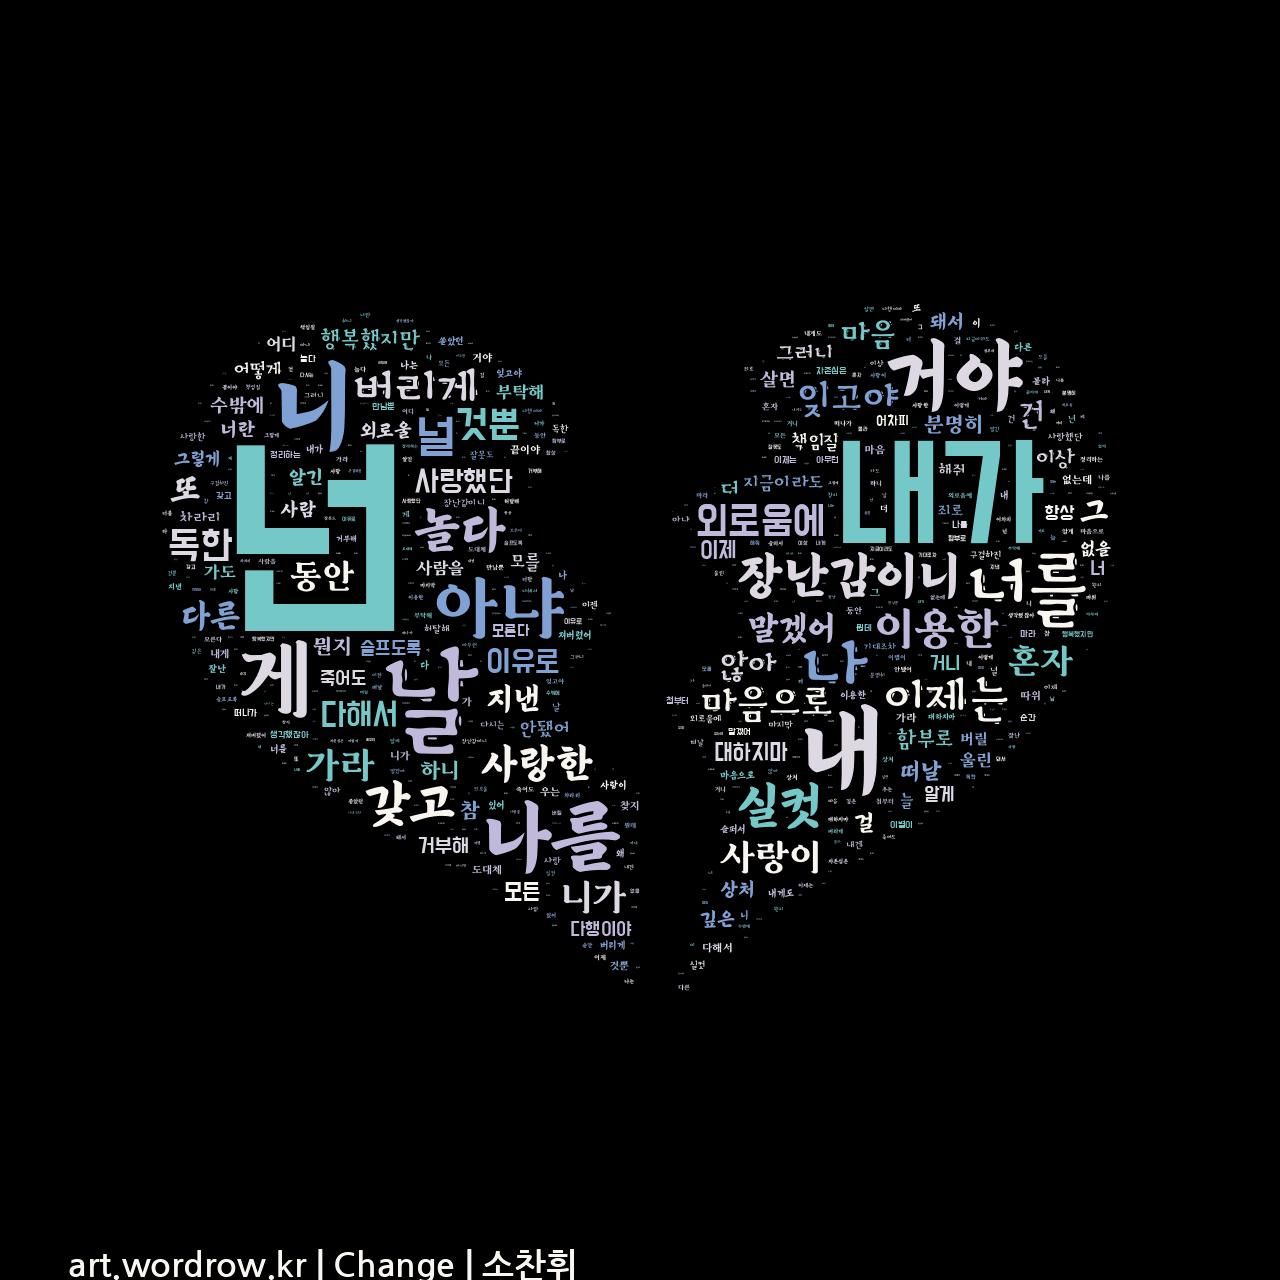 워드 아트: Change [소찬휘]-13